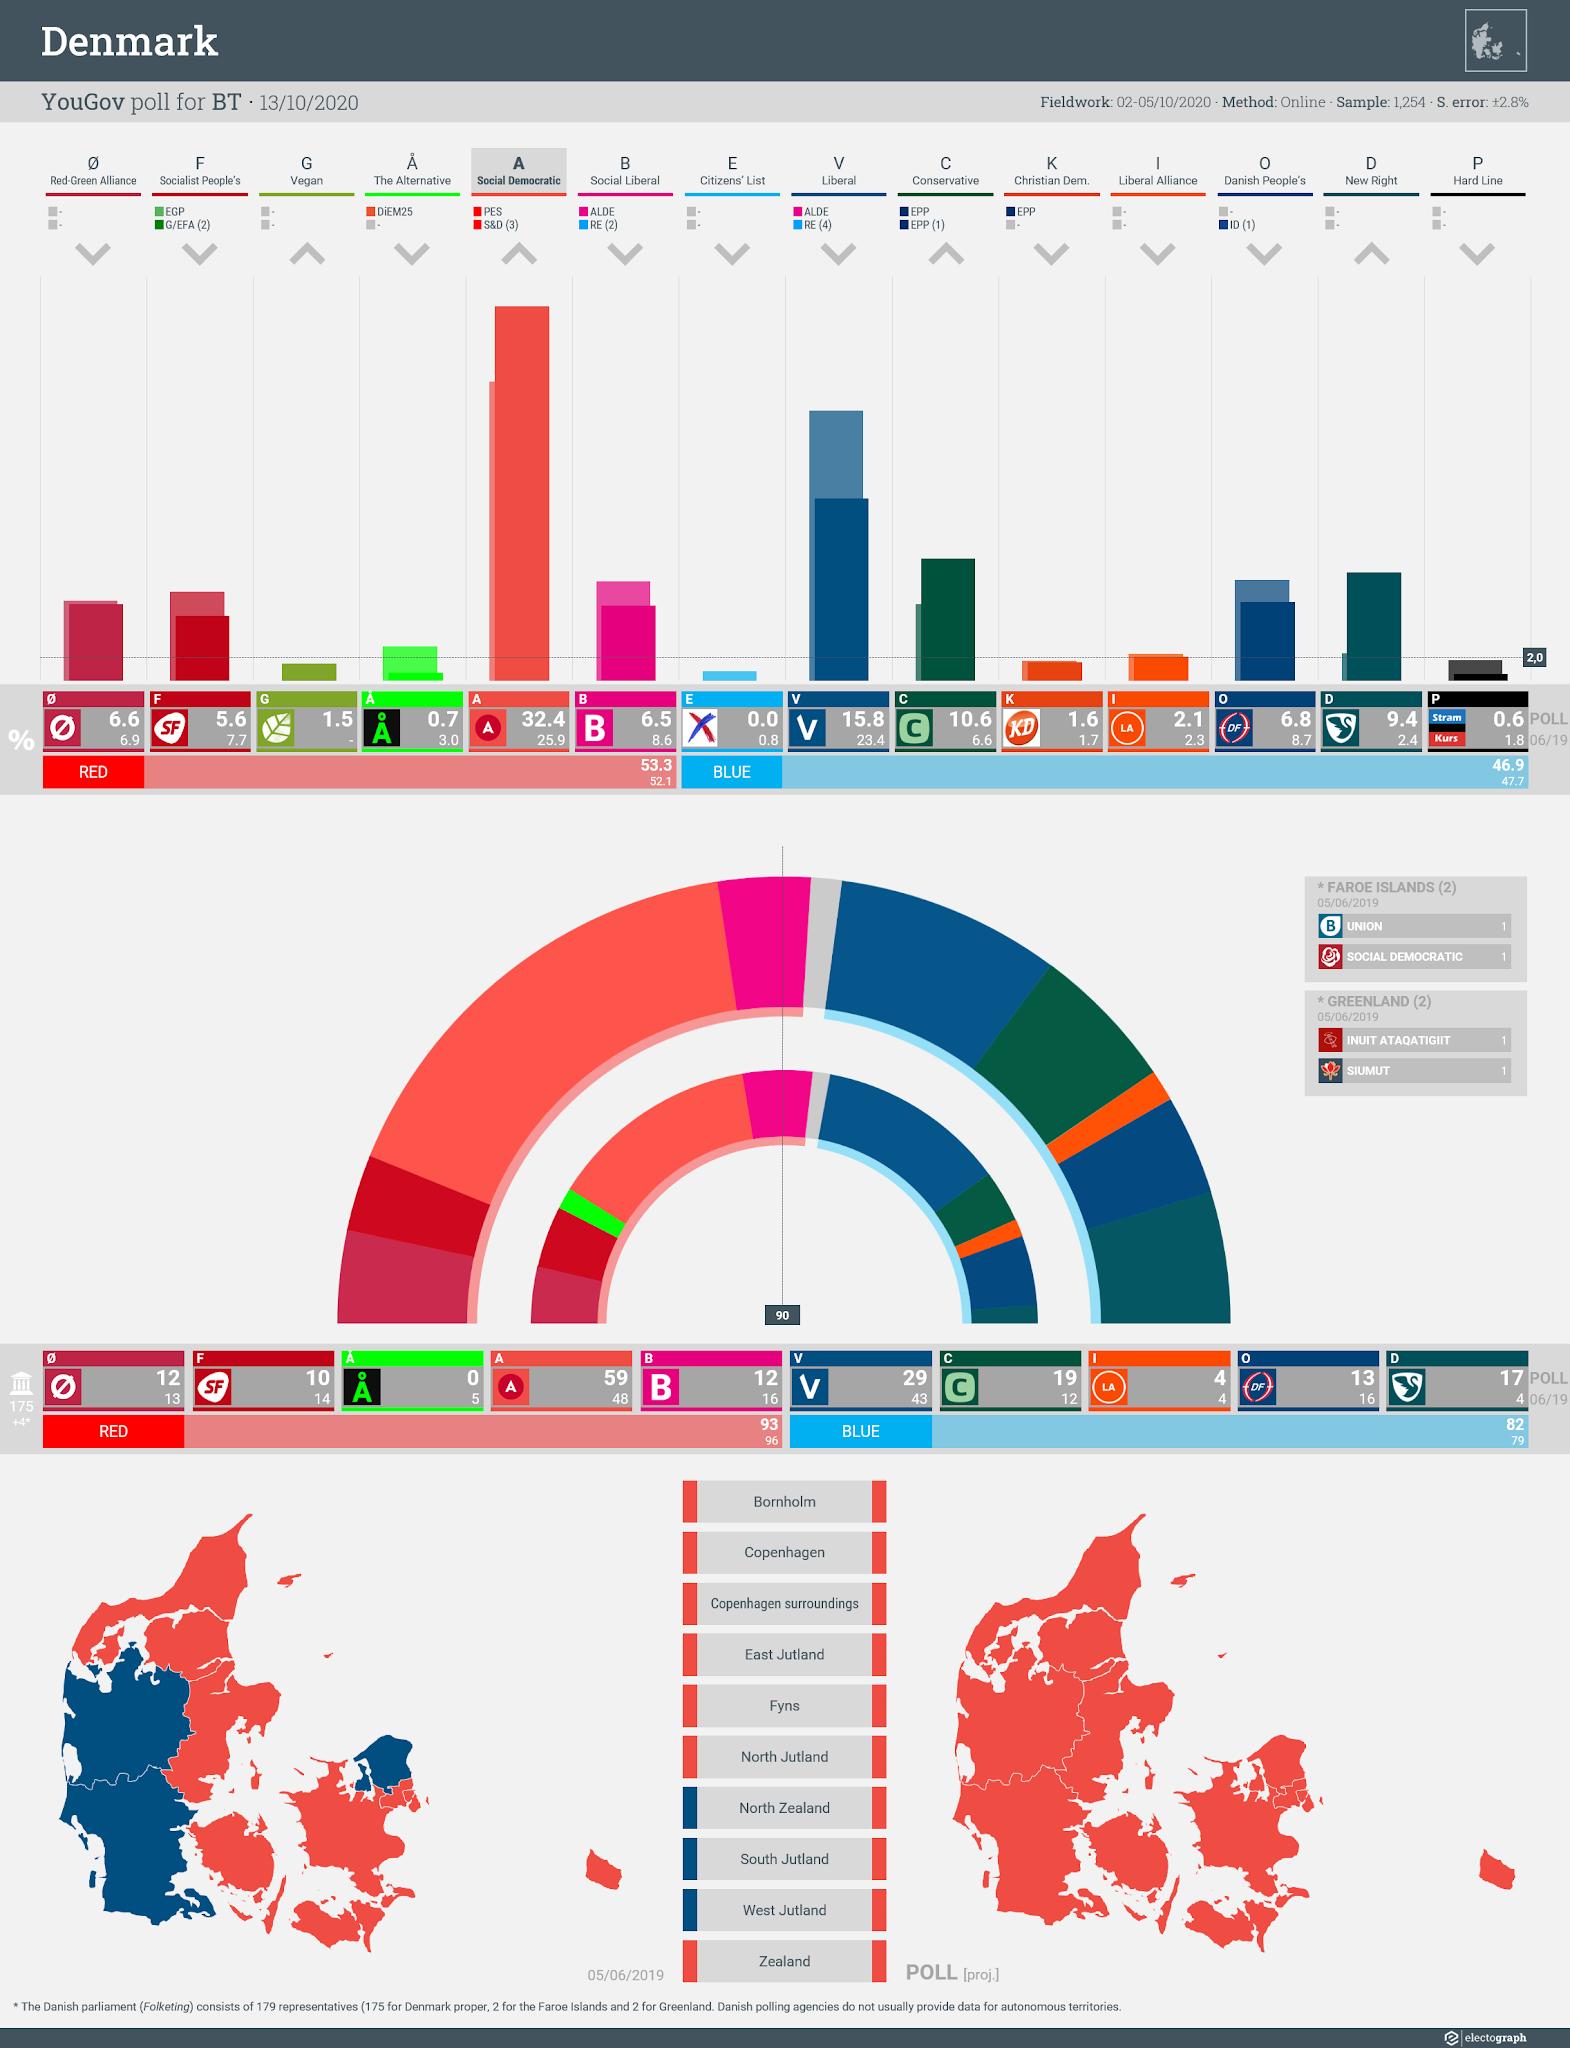 DENMARK: YouGov poll chart for BT, 14 October 2020